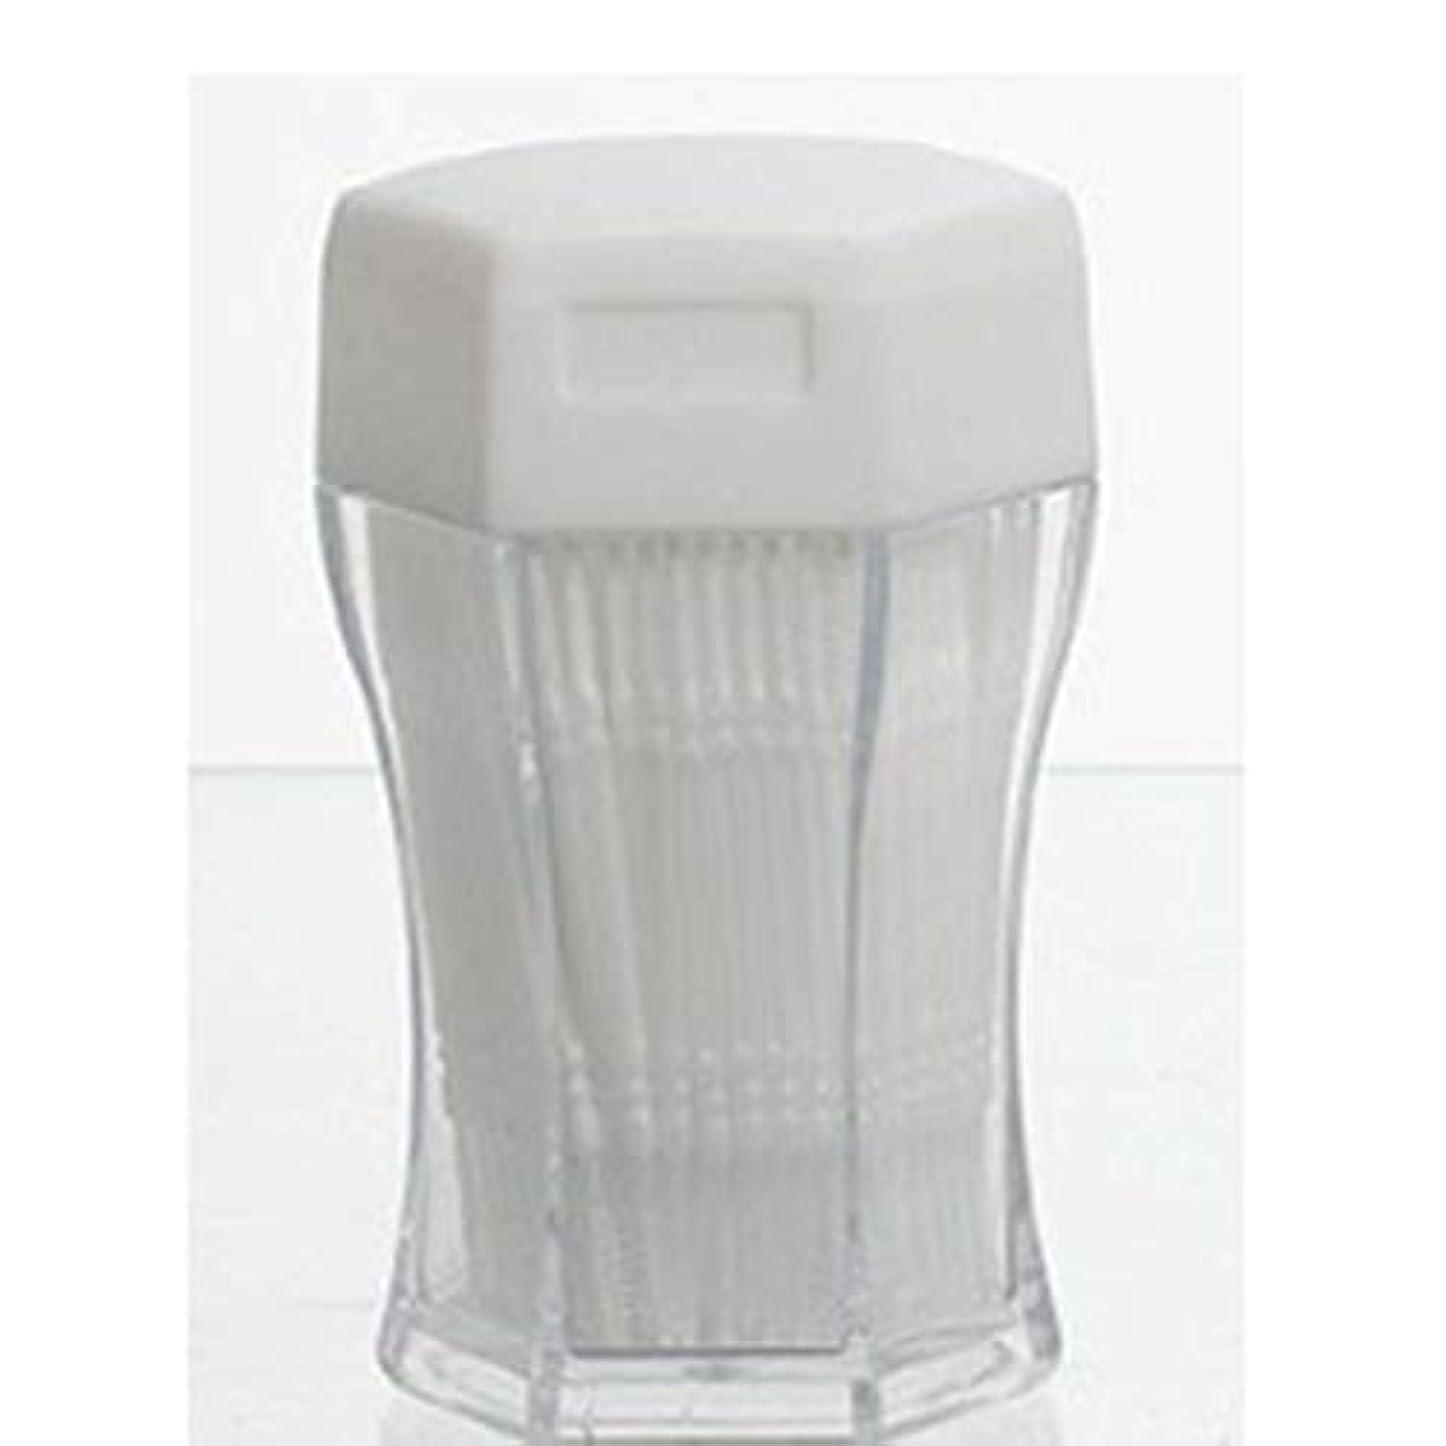 バックグラウンド回復する銀200ピース/セットダブルヘッド歯フロス衛生デンタルフロスプラスチック歯間つまようじ歯の口腔ケアのための健康 (PandaWelly)